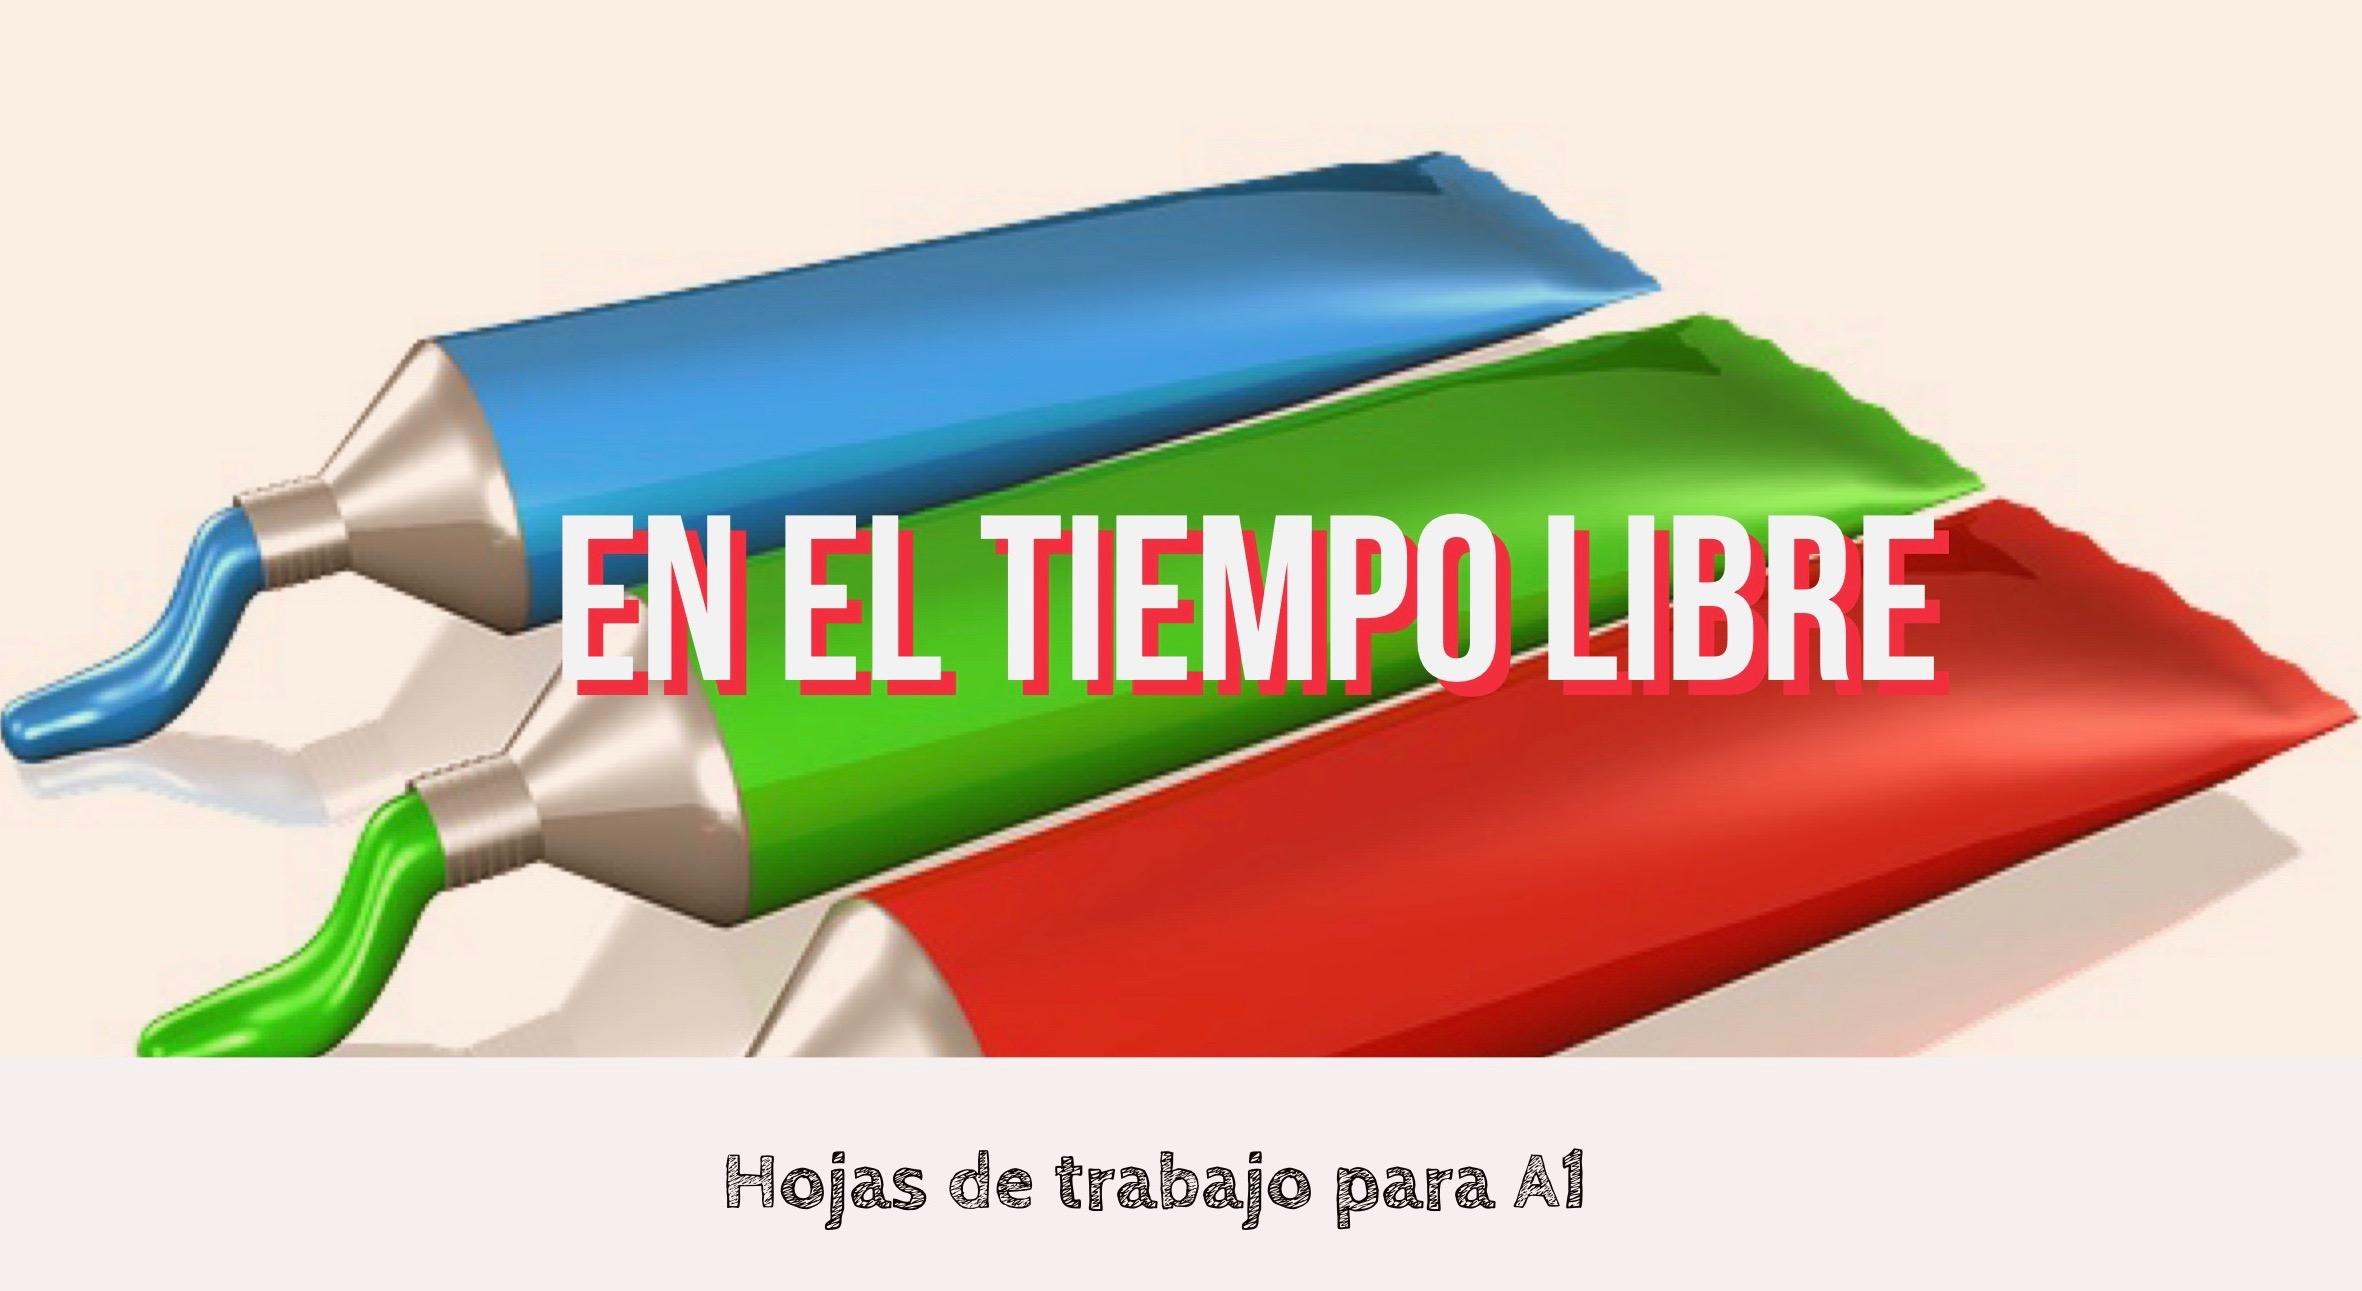 EN EL TIEMPO LIBRE